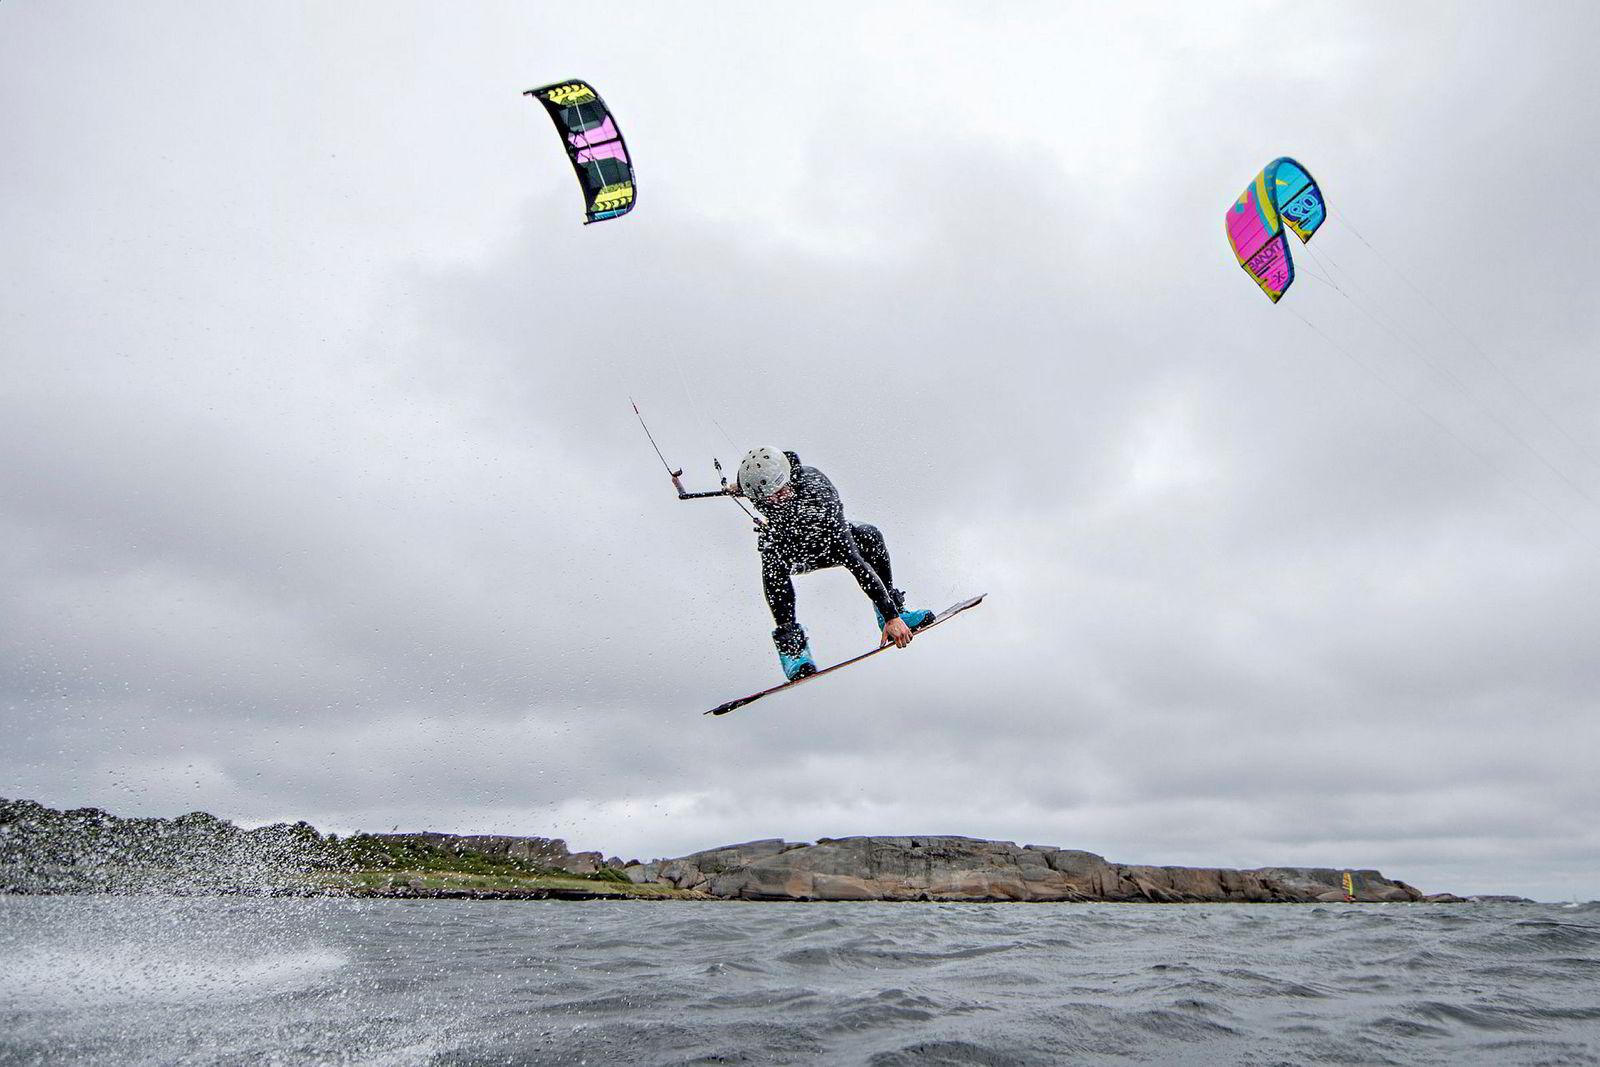 Australske Blaze Coles har tatt flere gull i NM i wakesurfing, der en kabelbane sørger for fremdriften på et wakeboard. Triksingen der og surfing store deler av livet har lagt fundamentet for en leken kjørestil også under kiten.